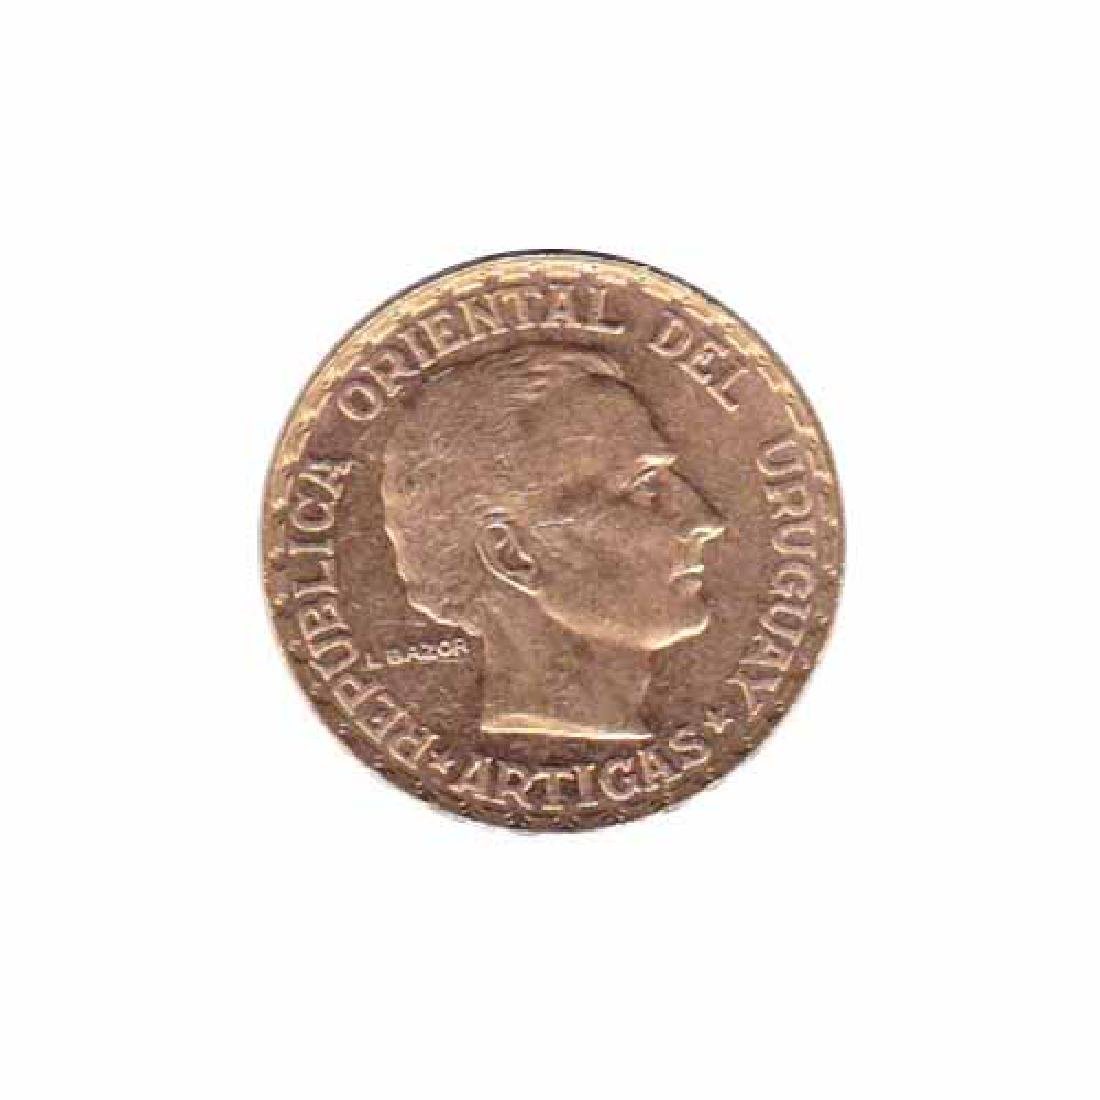 Uruguay 5 pesos gold 1930 AU-UNC